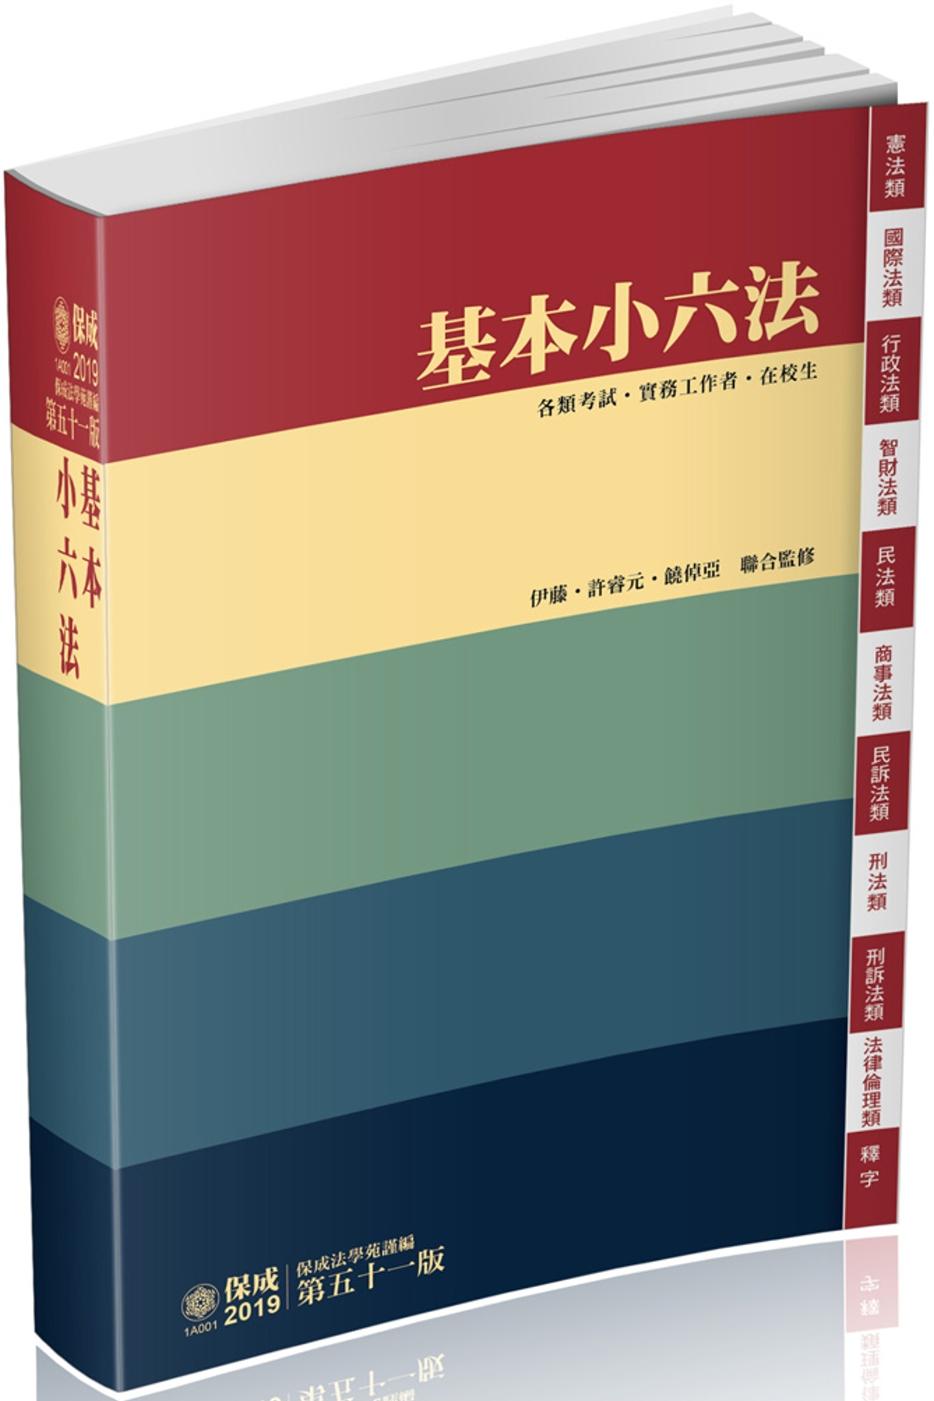 基本小六法:51版 2019法律工具書系列(保成)